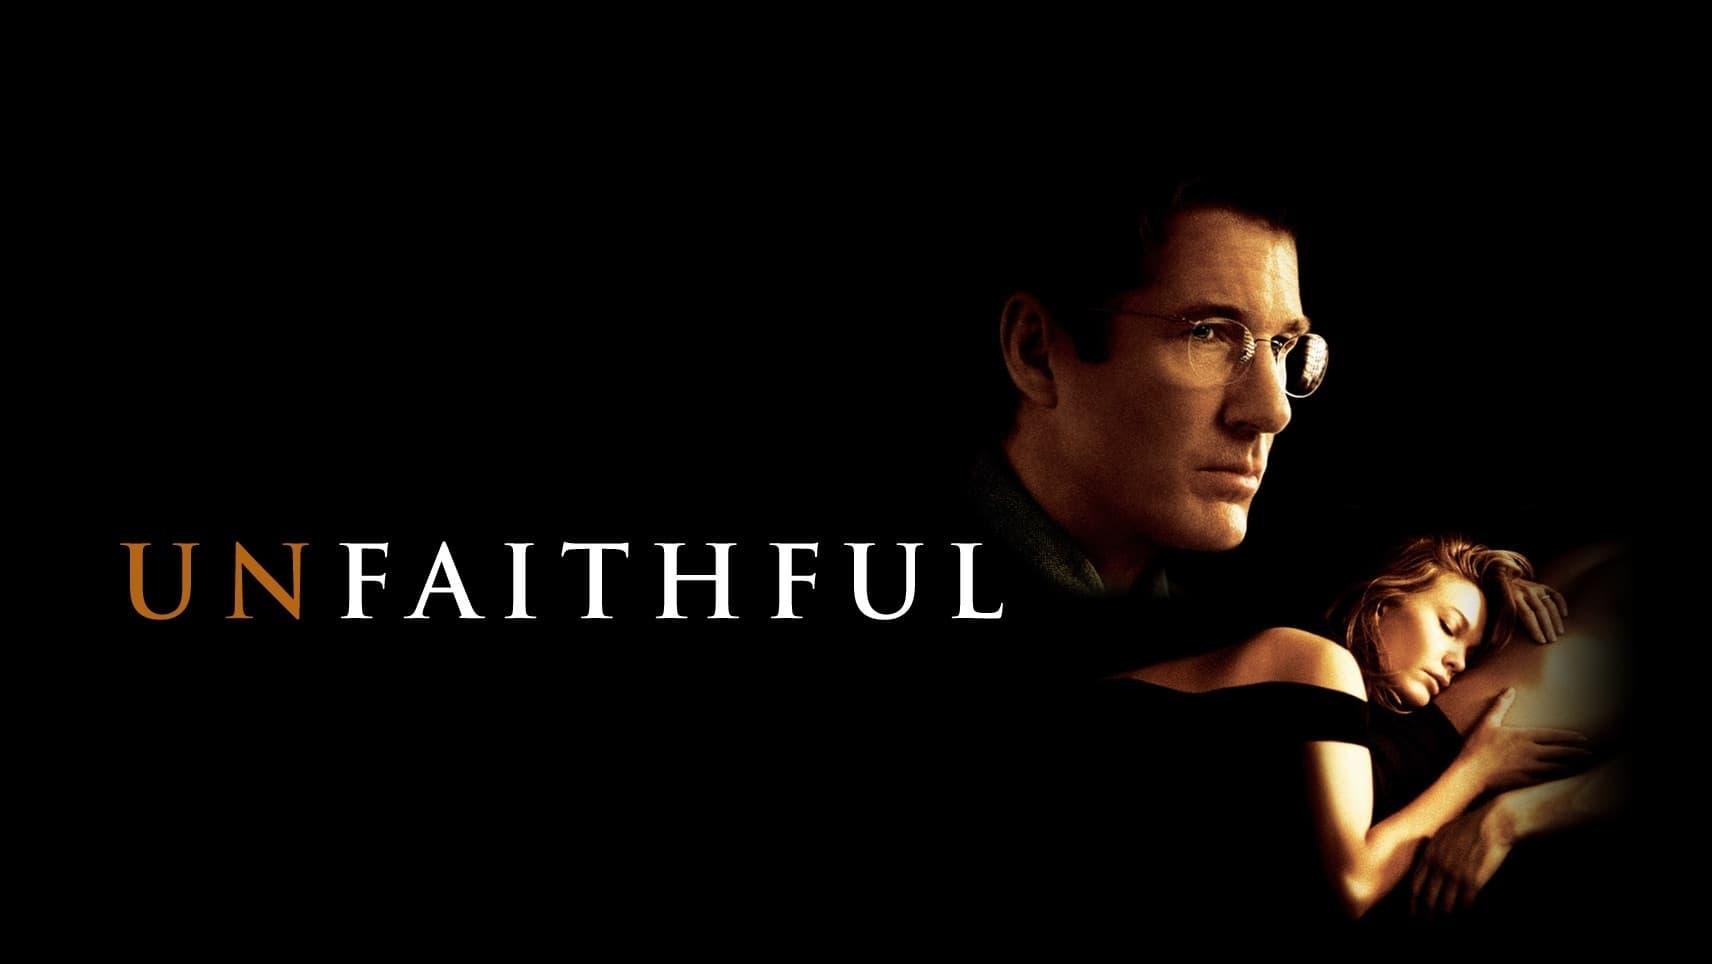 Watch Unfaithful (2002) Full Movie Online Free | Movie ...